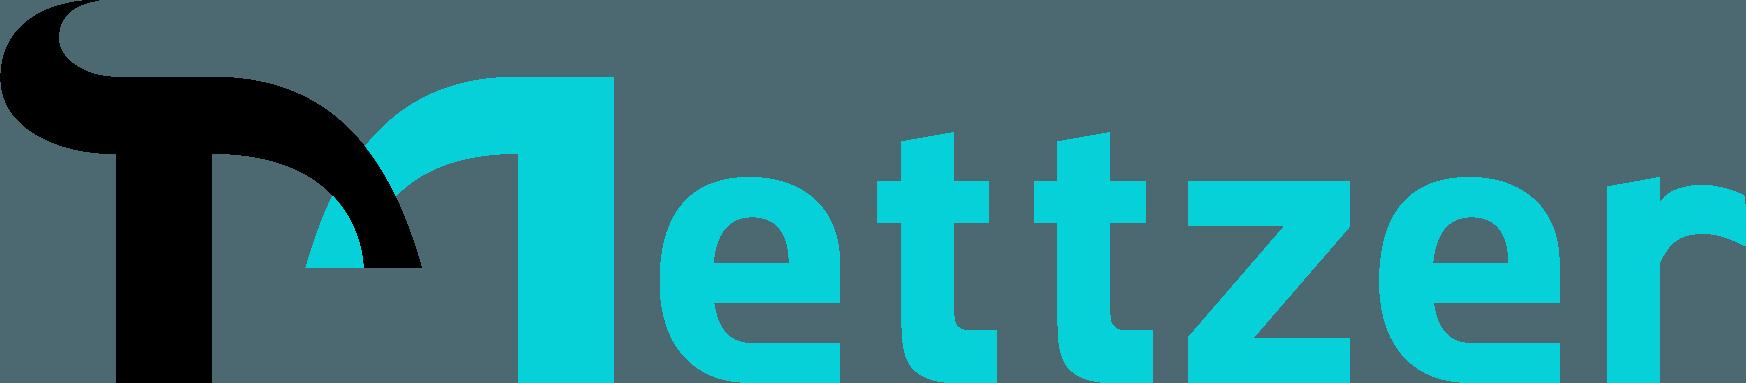 14e7f9155a3c-Mettzer_logo_azul_03 (1)